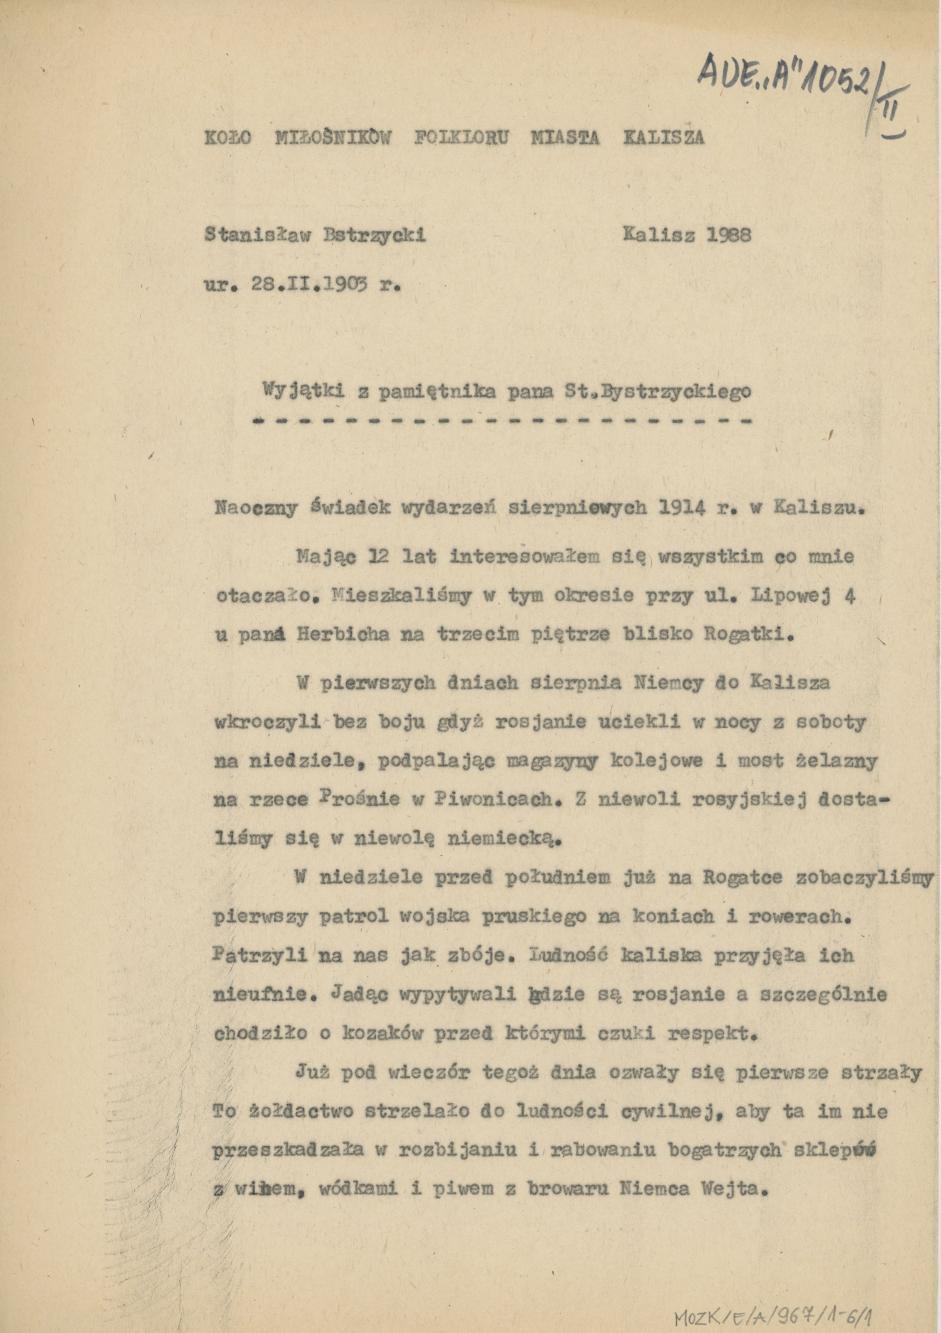 Wyjątki z pamiętnika pana St. Bystrzyckiego